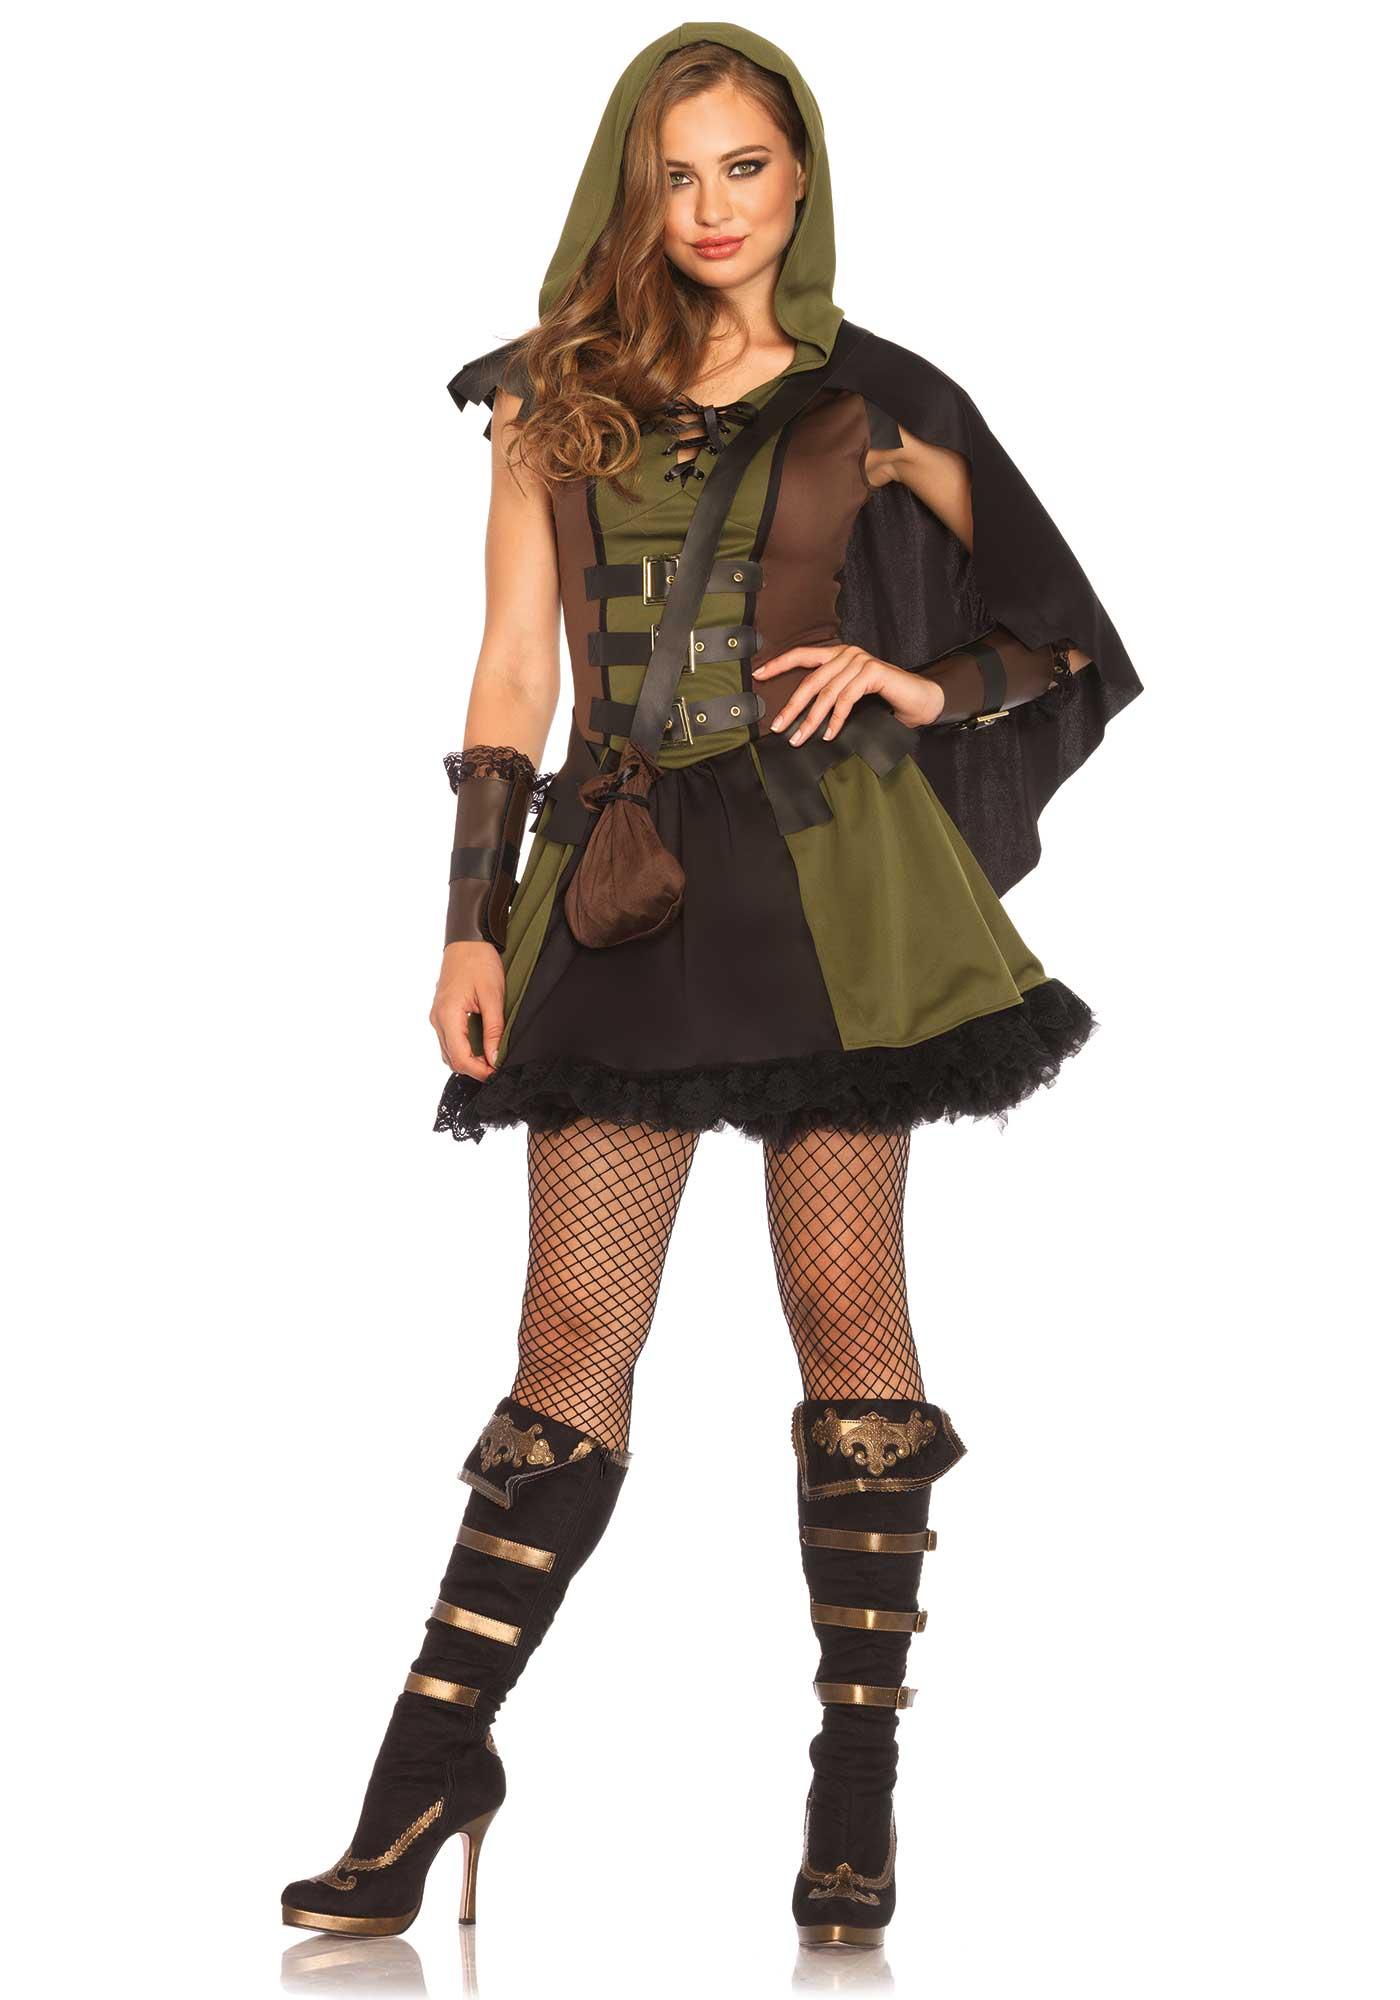 verkleidung als waldfrau f r damen kost me f r erwachsene und g nstige faschingskost me vegaoo. Black Bedroom Furniture Sets. Home Design Ideas